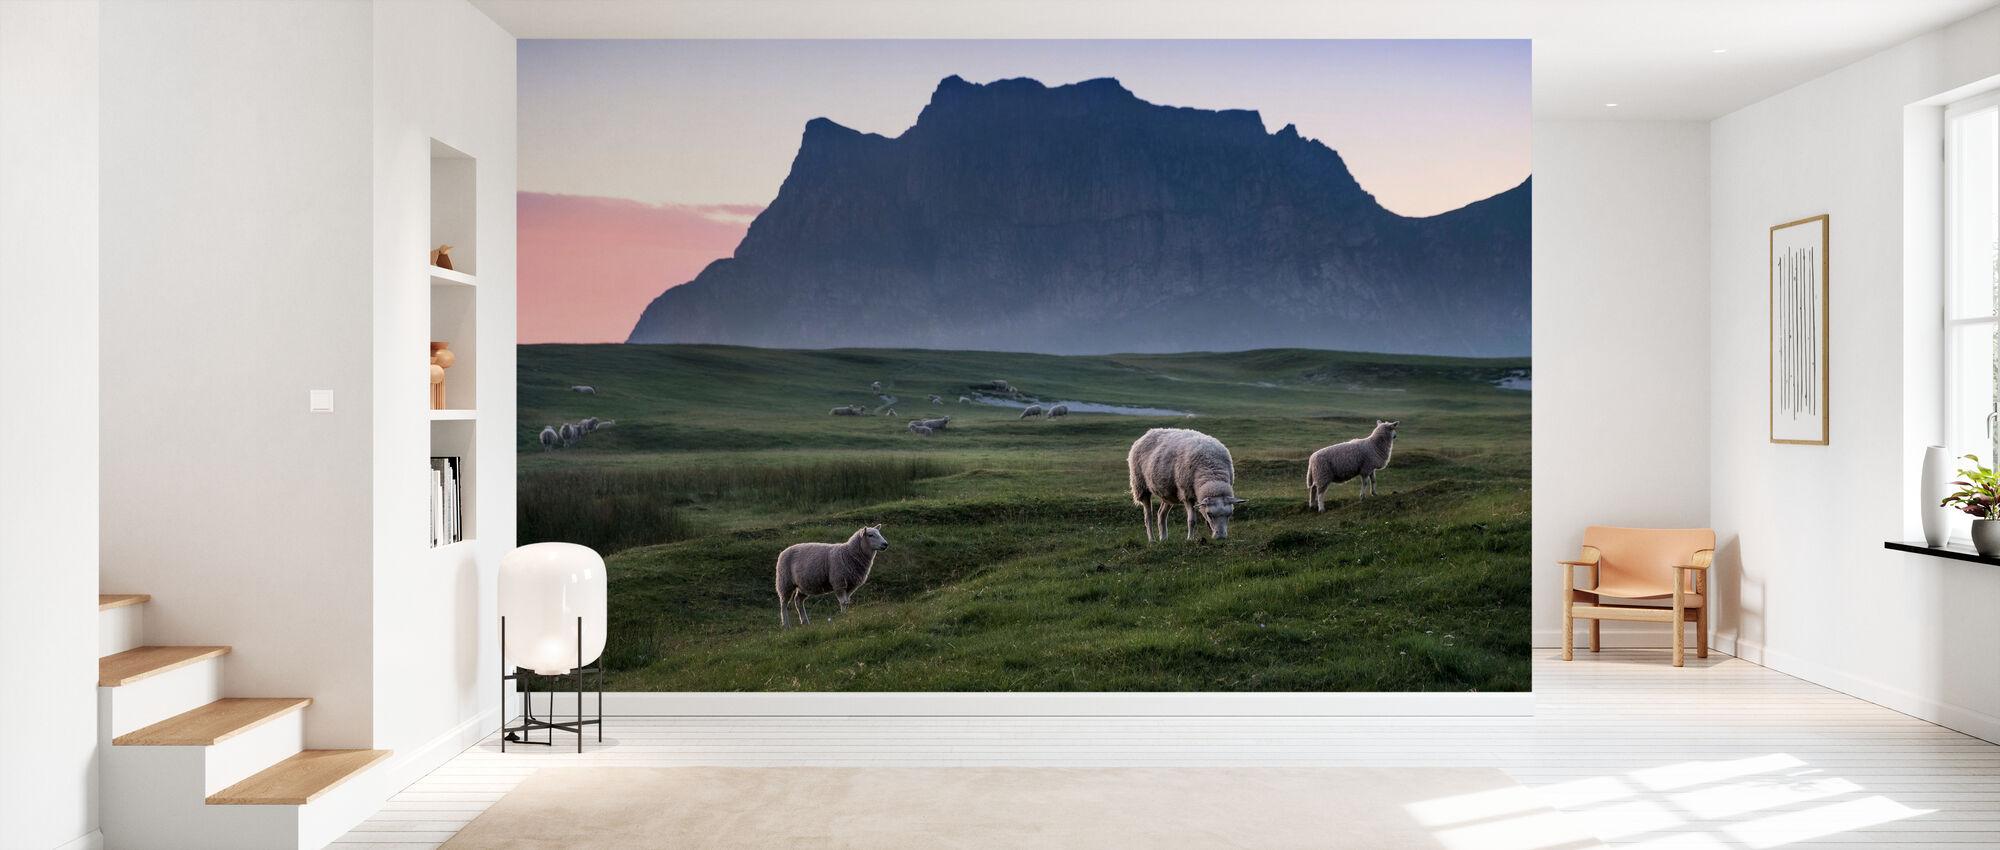 Lamm betesmarker i äng - Tapet - Hall